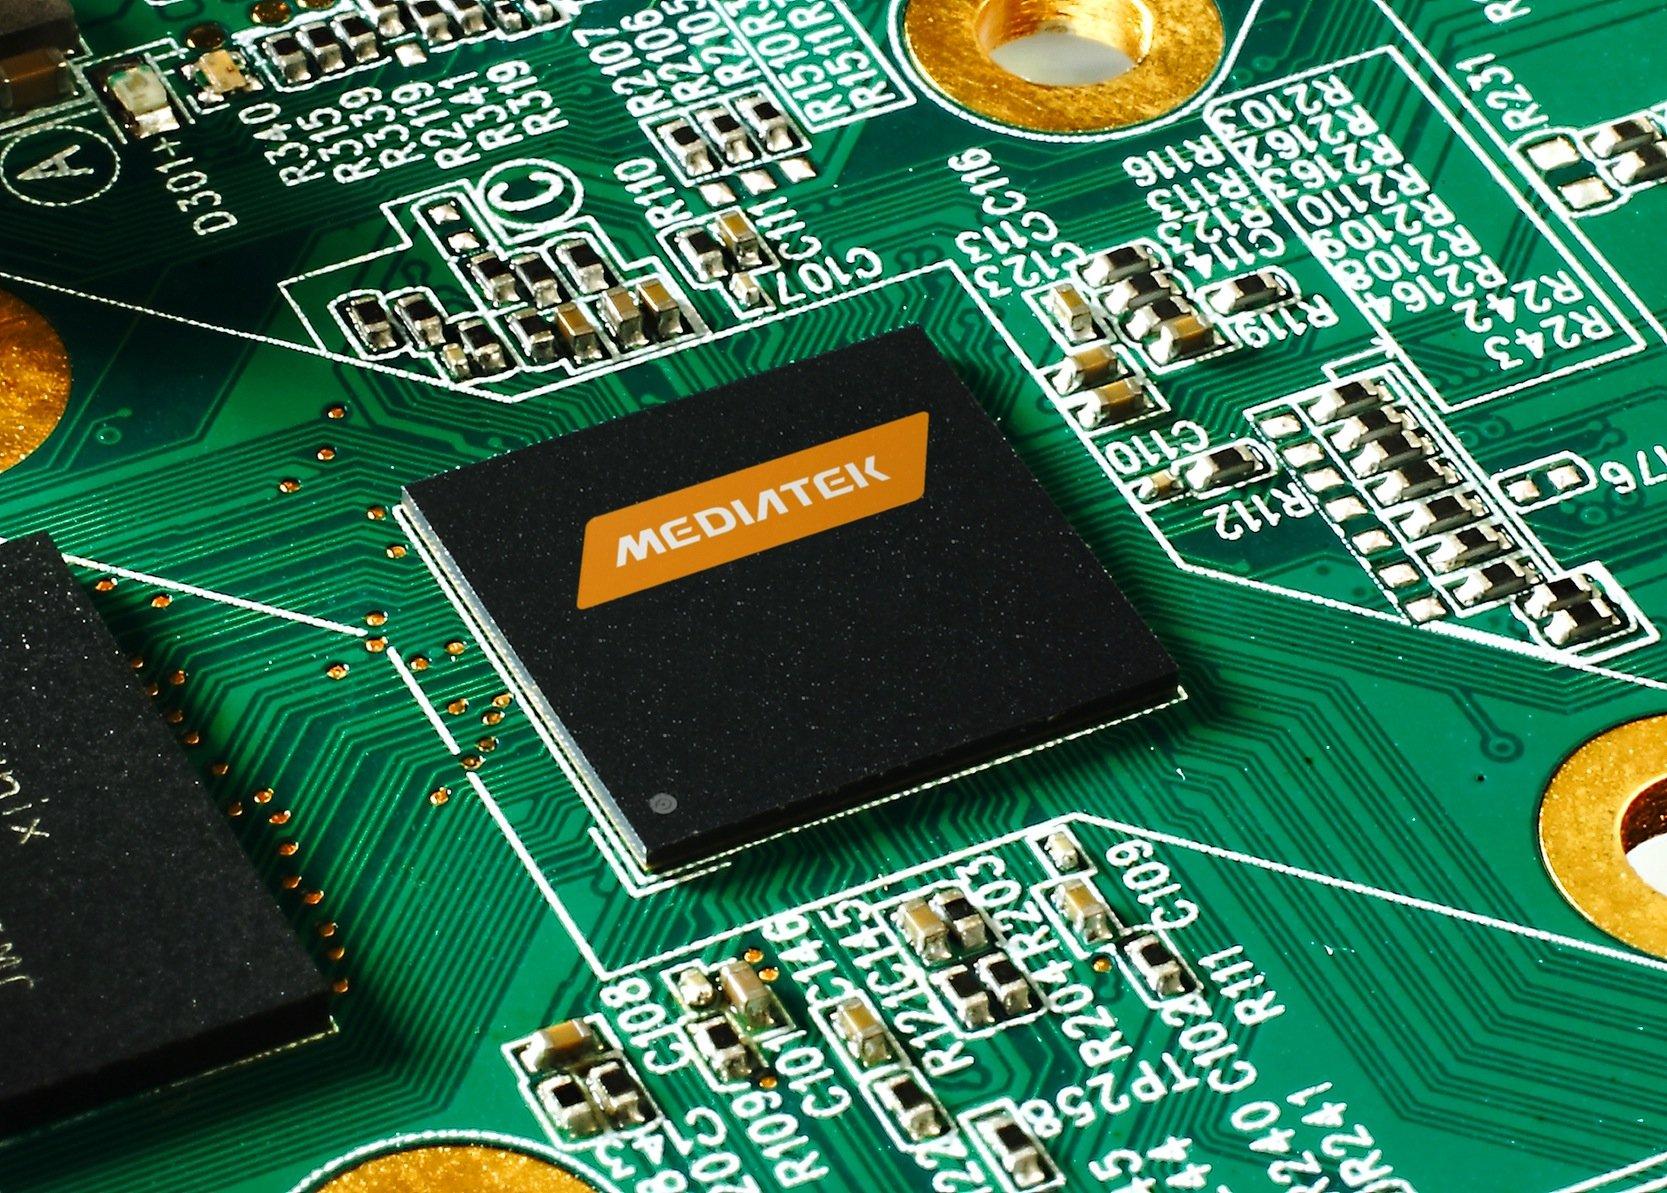 Chip von Mediatek: Chips für das Android-Betriebssystem 4.4 KitKat bieten Hackern die Möglichkeit, die Daten von Tablets und Smartphones zu laden.